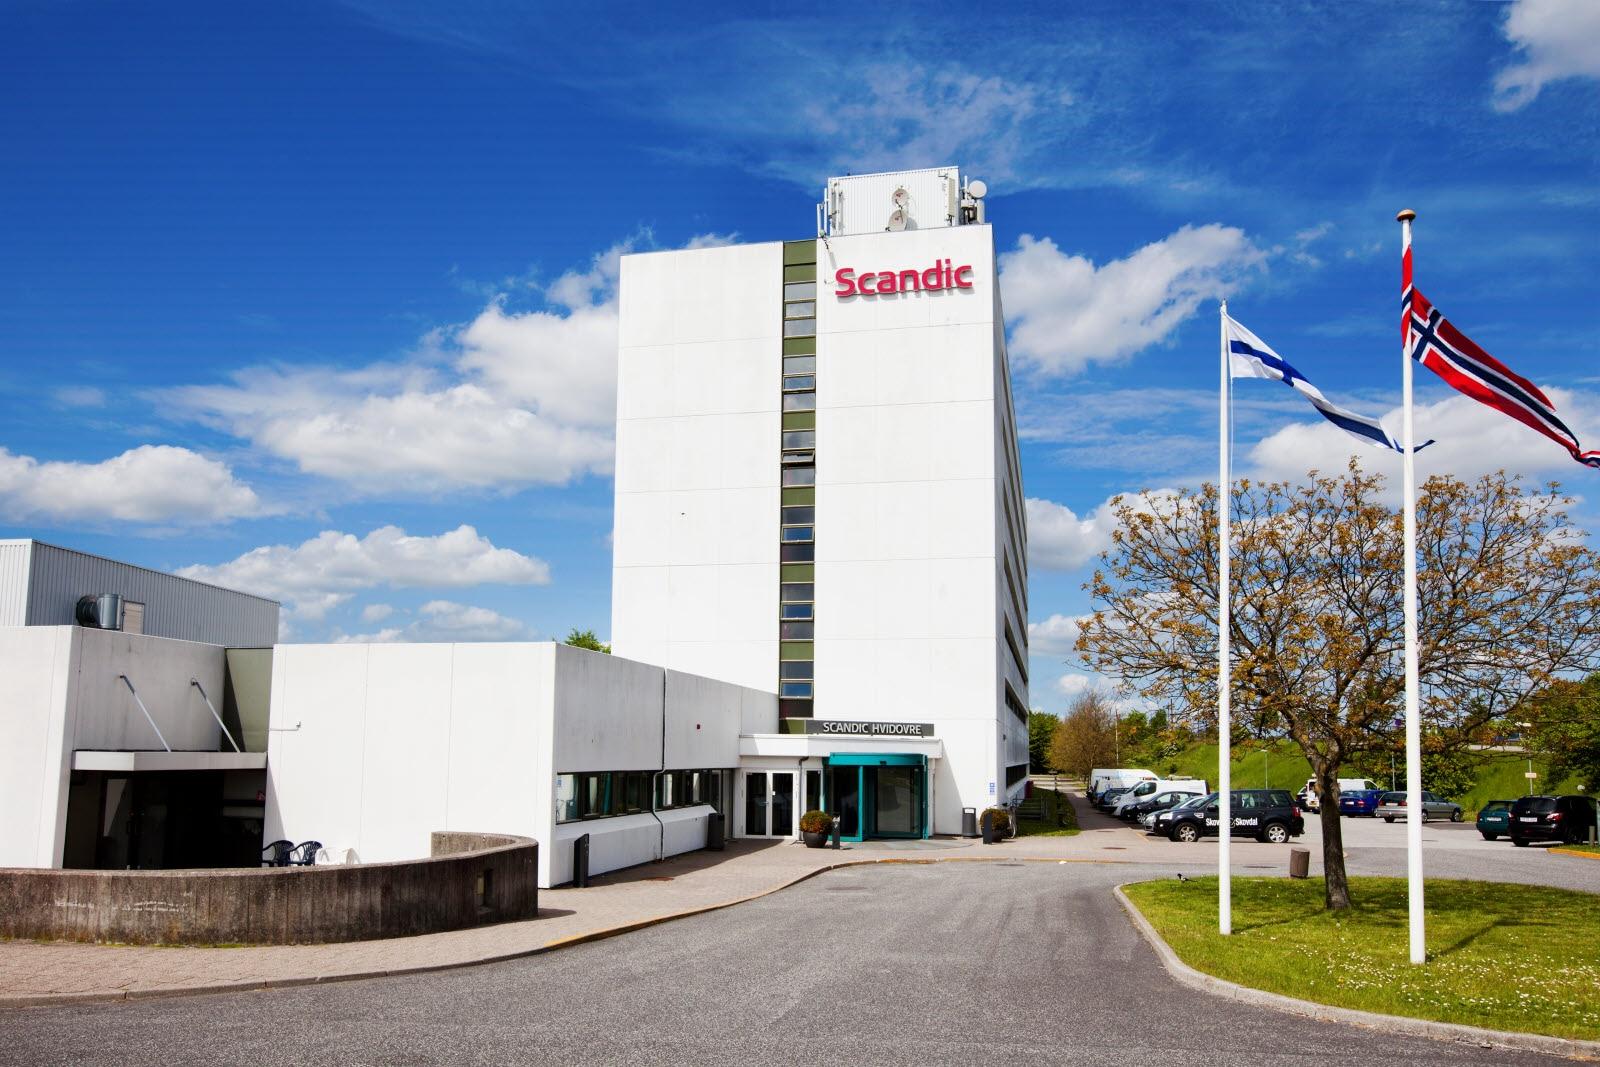 Parkering | Scandic Hvidovre | Scandic Hotels